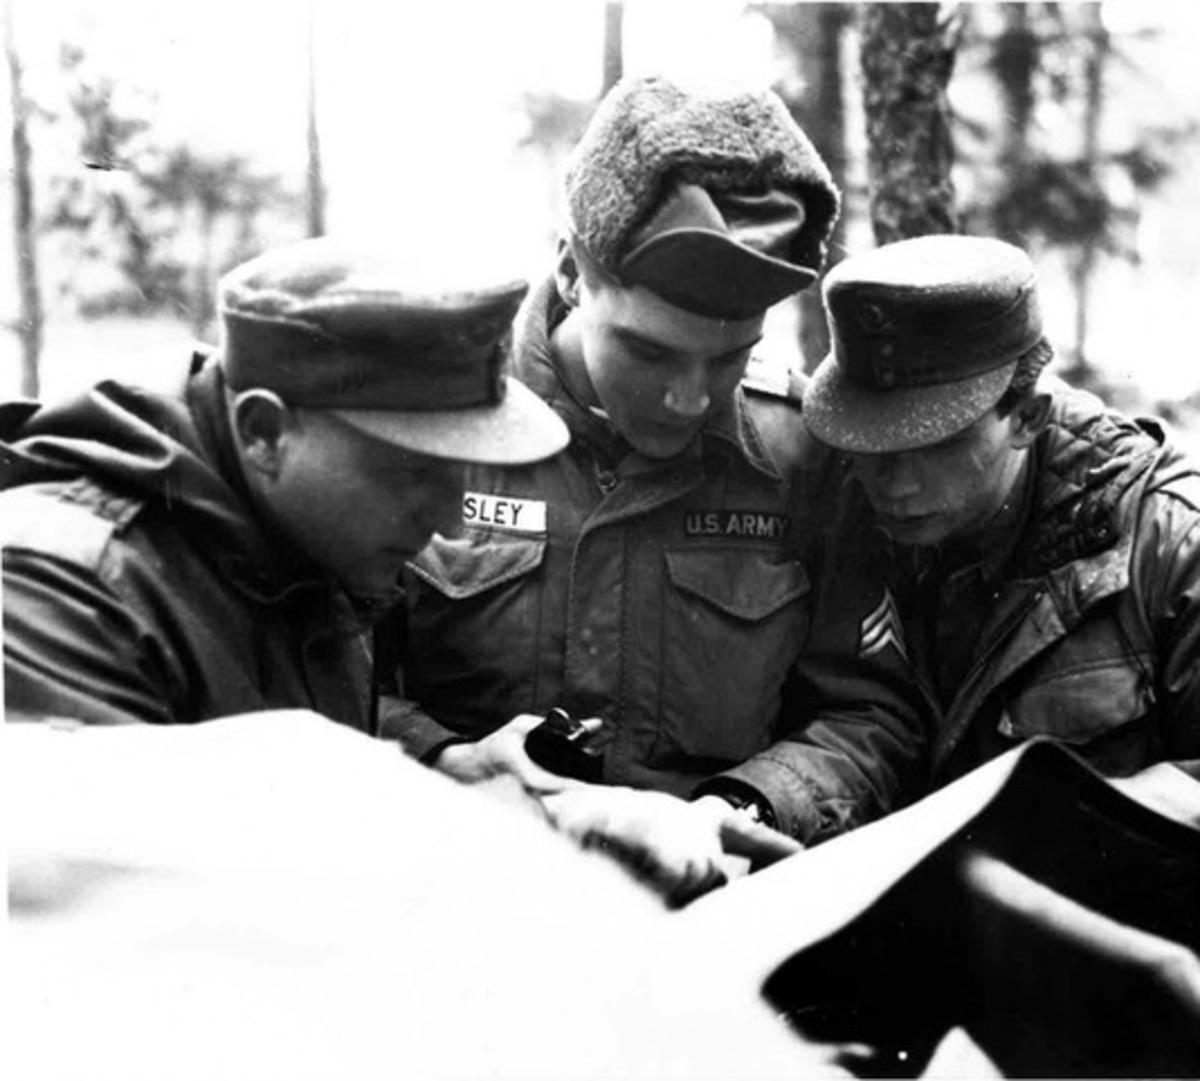 Και βασιλιάς και τεθώρας: Ο στρατός των ΗΠΑ αποτίει φόρο τιμής στον Έλβις | Newsit.gr